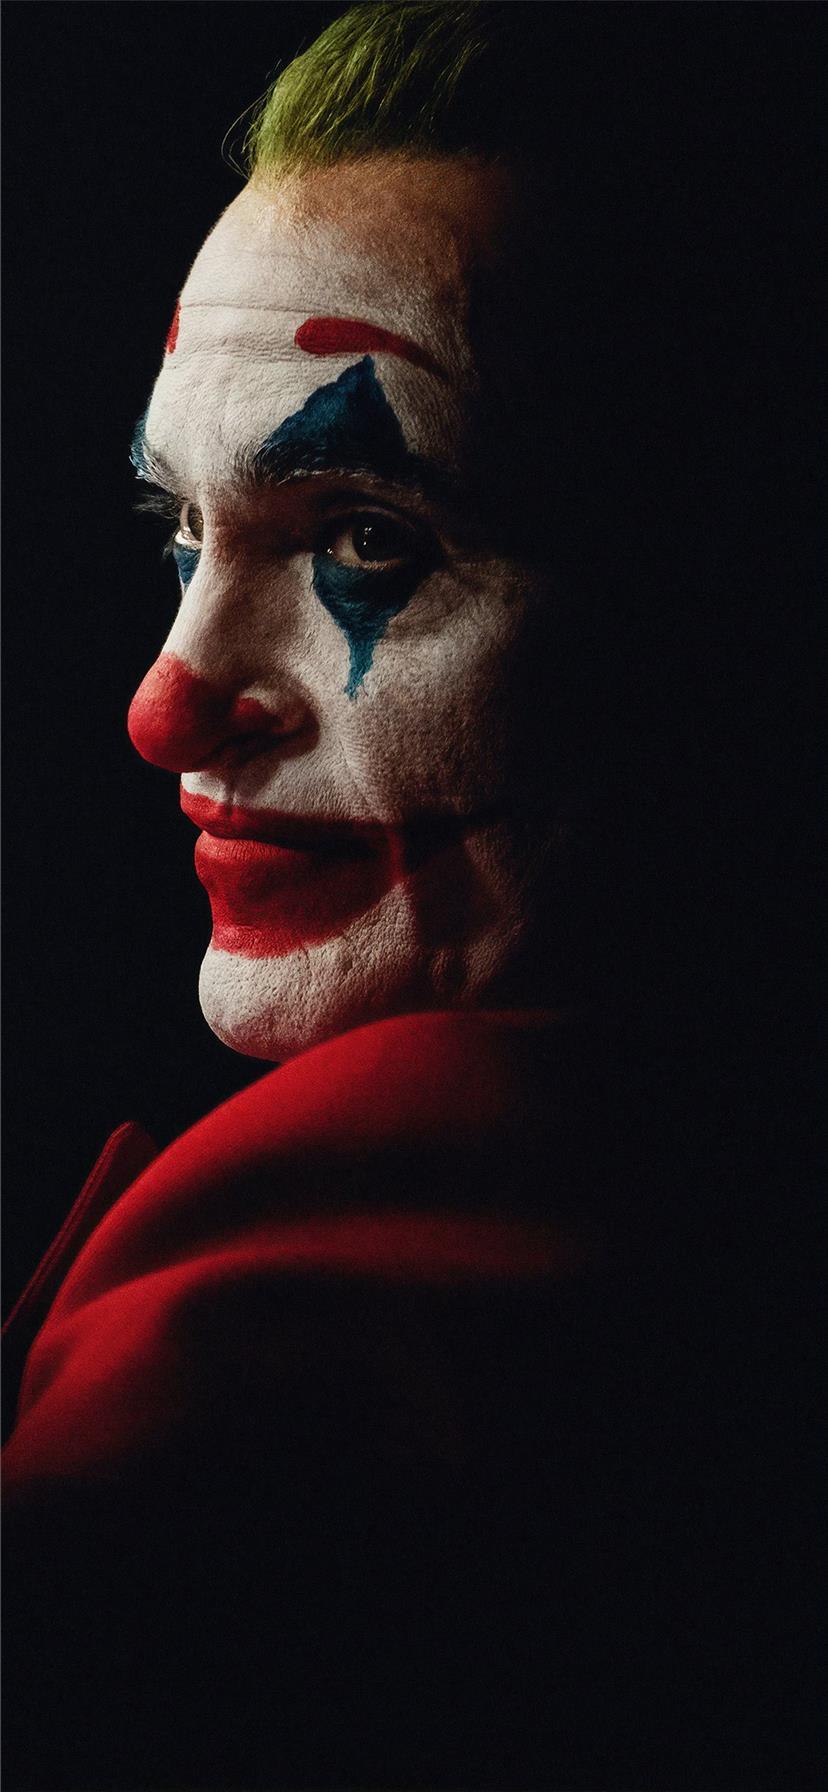 The Joker Joaquin Phoenix Dark 4k Iphone X Wallpapers Free Download